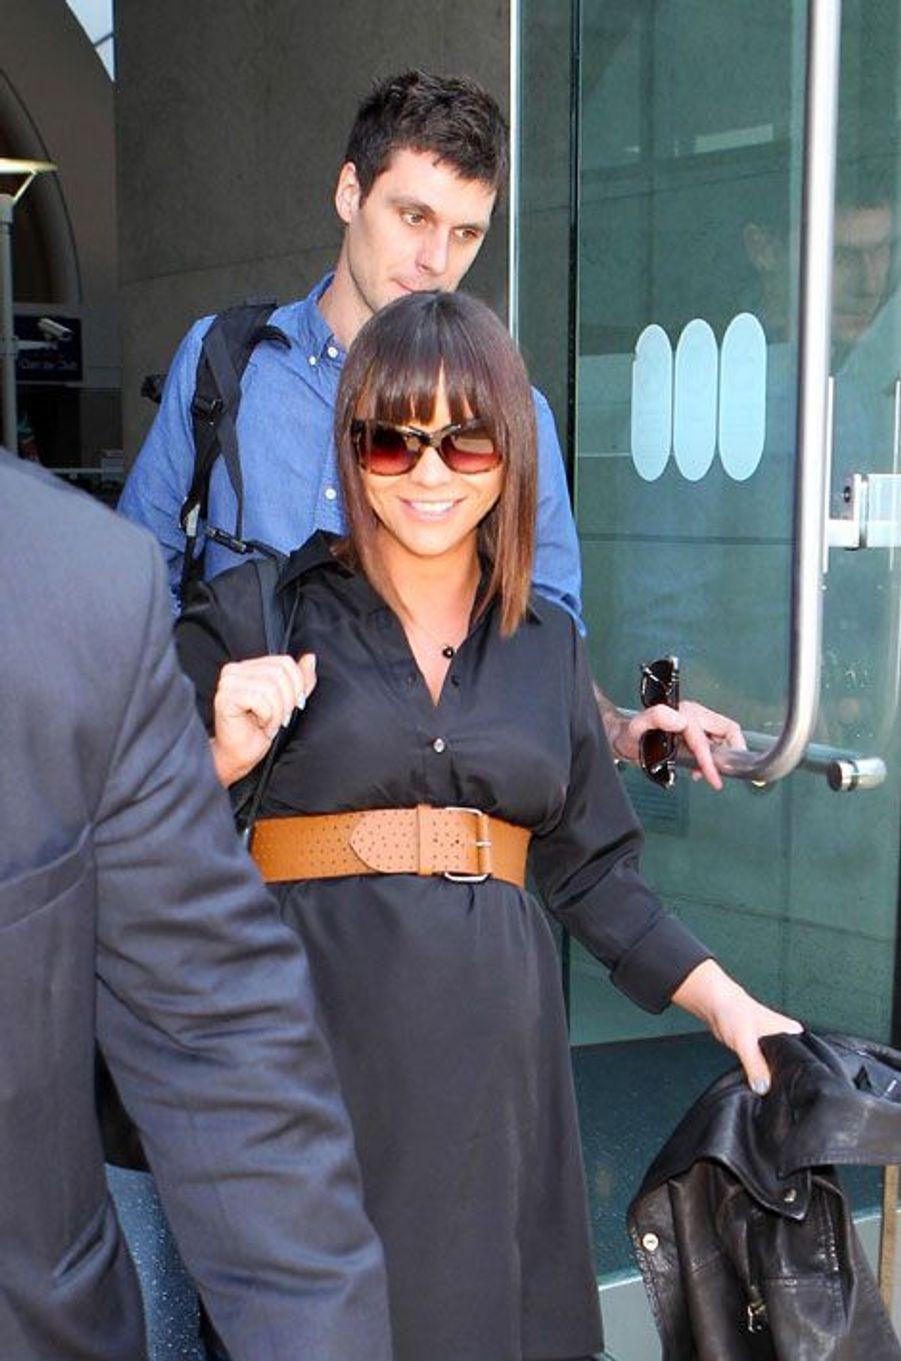 La comédienne Christina Ricci, connue pour son rôle dans «La famille Adams» a confirmé en mai attendre son premier enfant avec son époux James Heerdegen. Après s'être rencontrés sur le tournage de la série «Pan Am», l'actrice et le technicien caméraman, ont officialisé leur relation en février 2012, et se sont mariés en octobre dernier à Manhattan.La «petite Mercredi» est restée discrète depuis l'annonce de l'heureux événement à venir.Sur la photo, prise le 23 mai, l'actrice revenait de New York, à l'aéroport de Los Angeles.